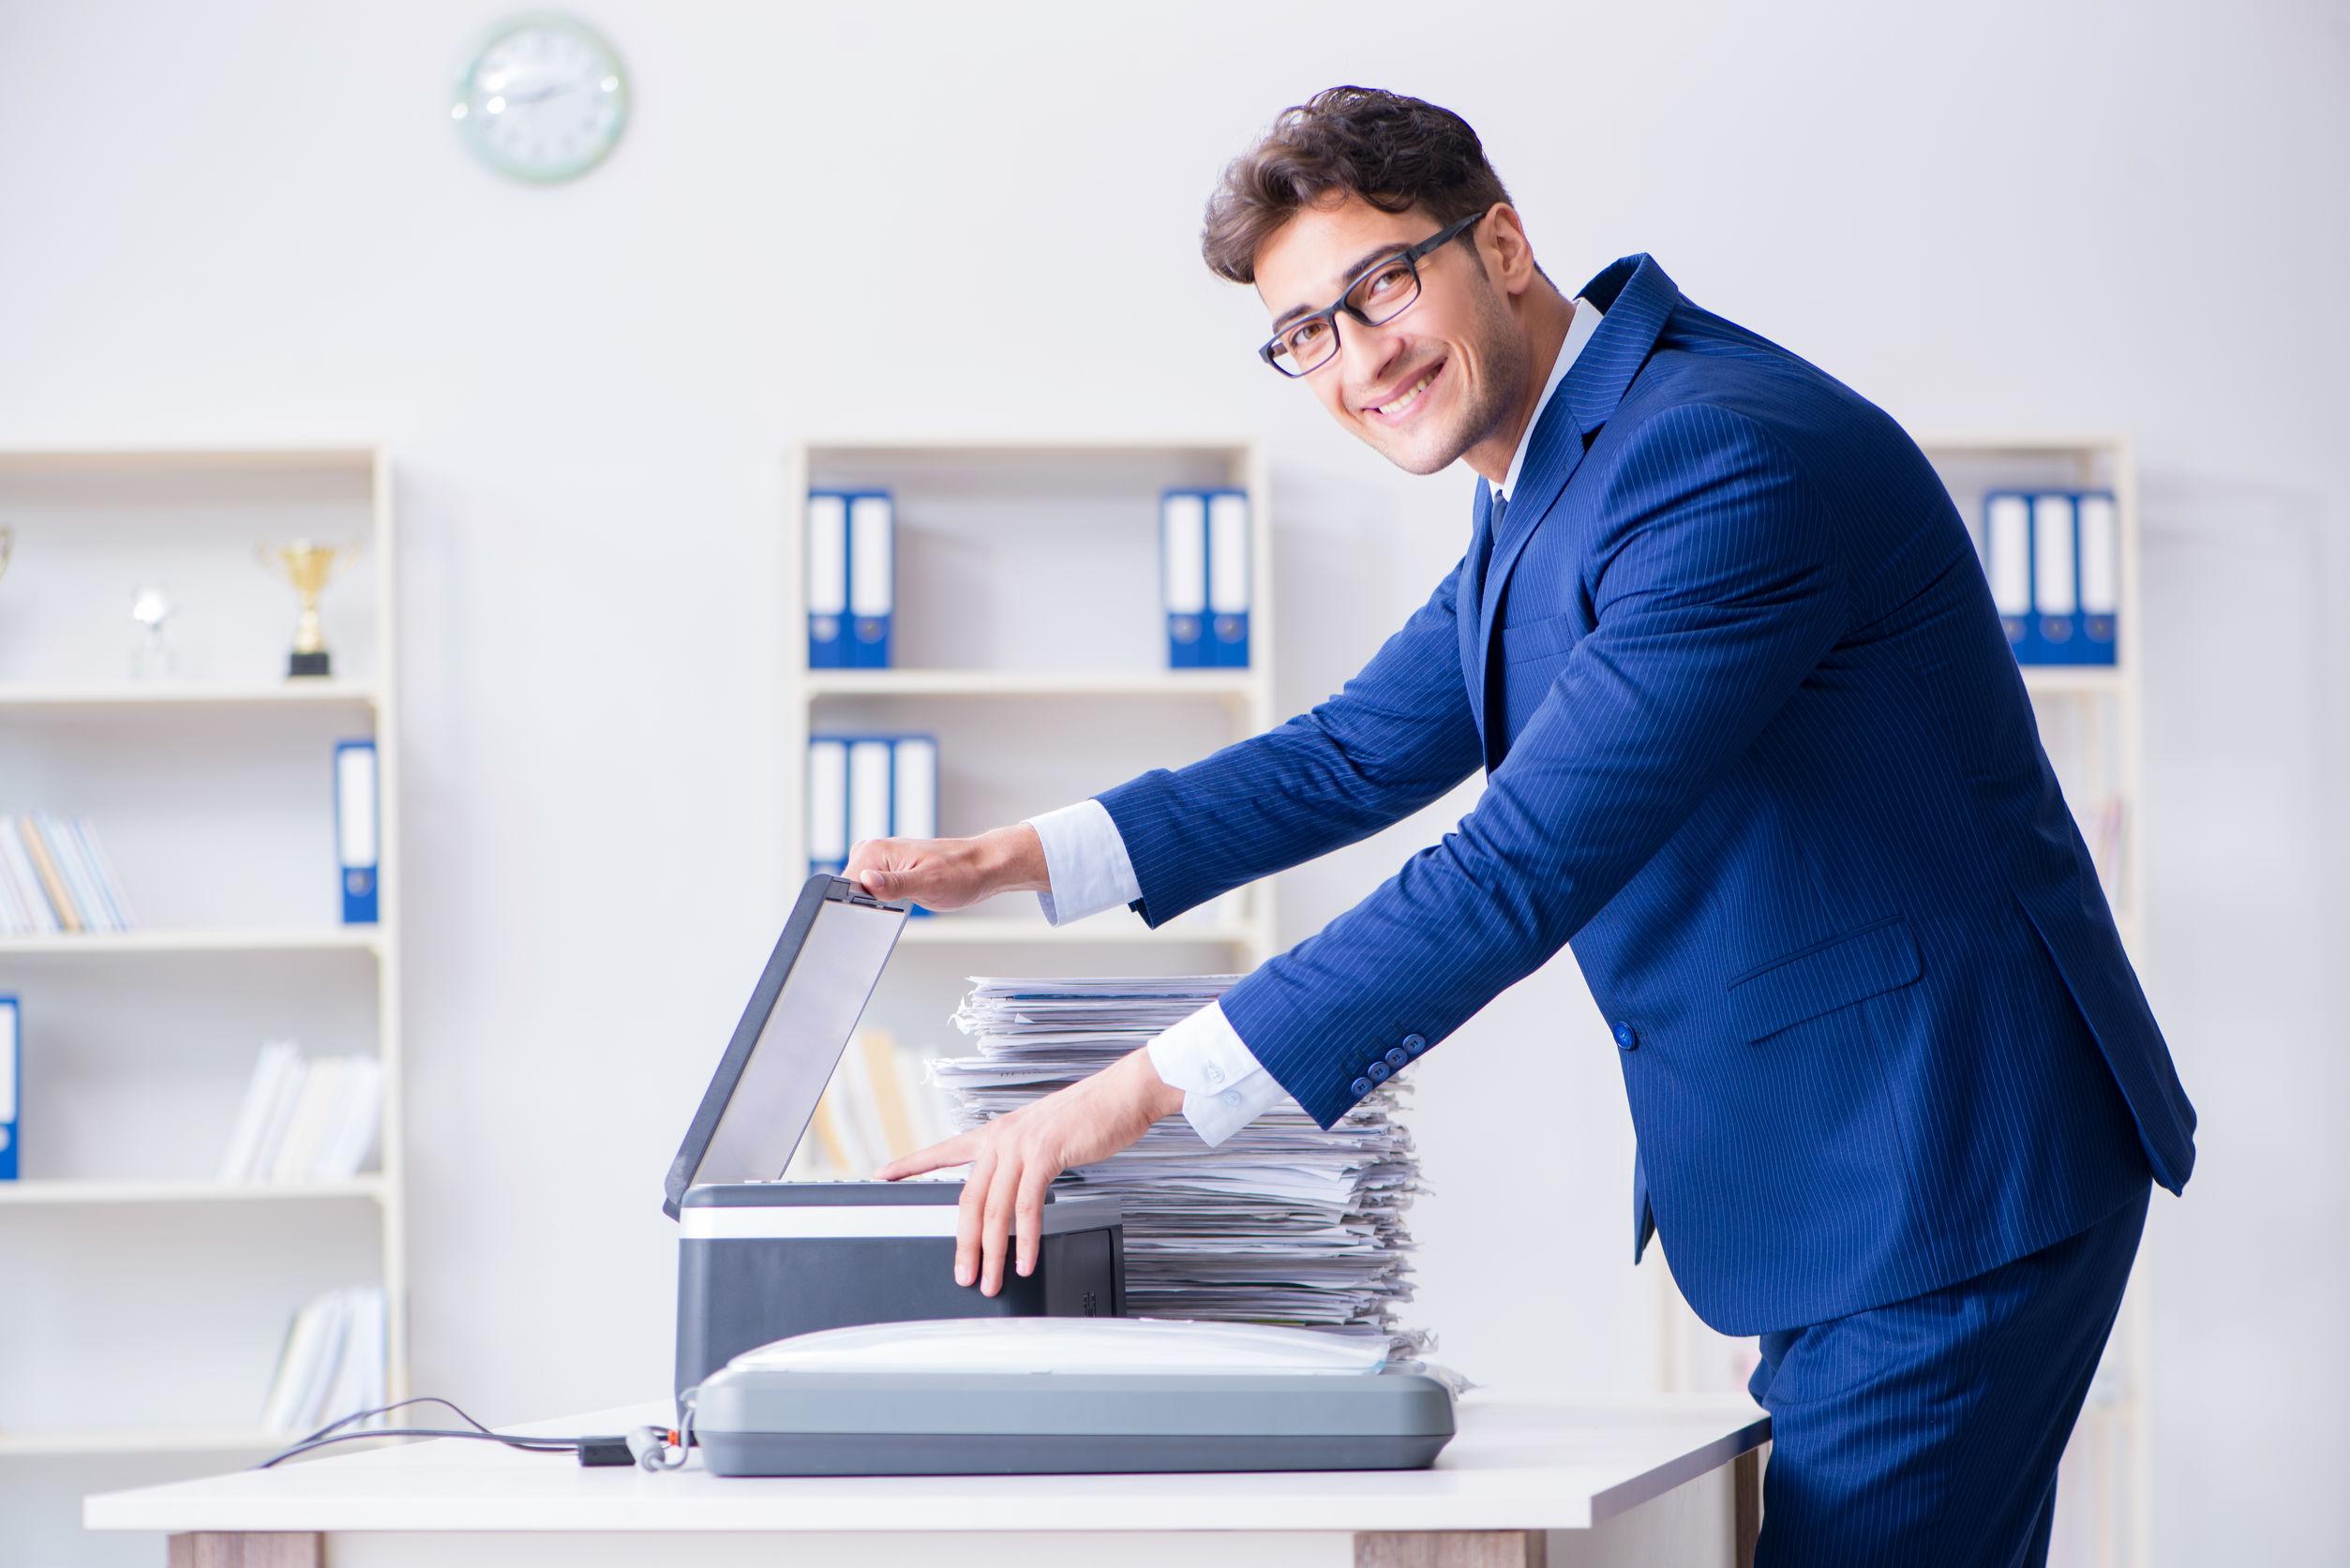 Na imagem está um homem de terno dentro de um escritório utilizando um scanner.